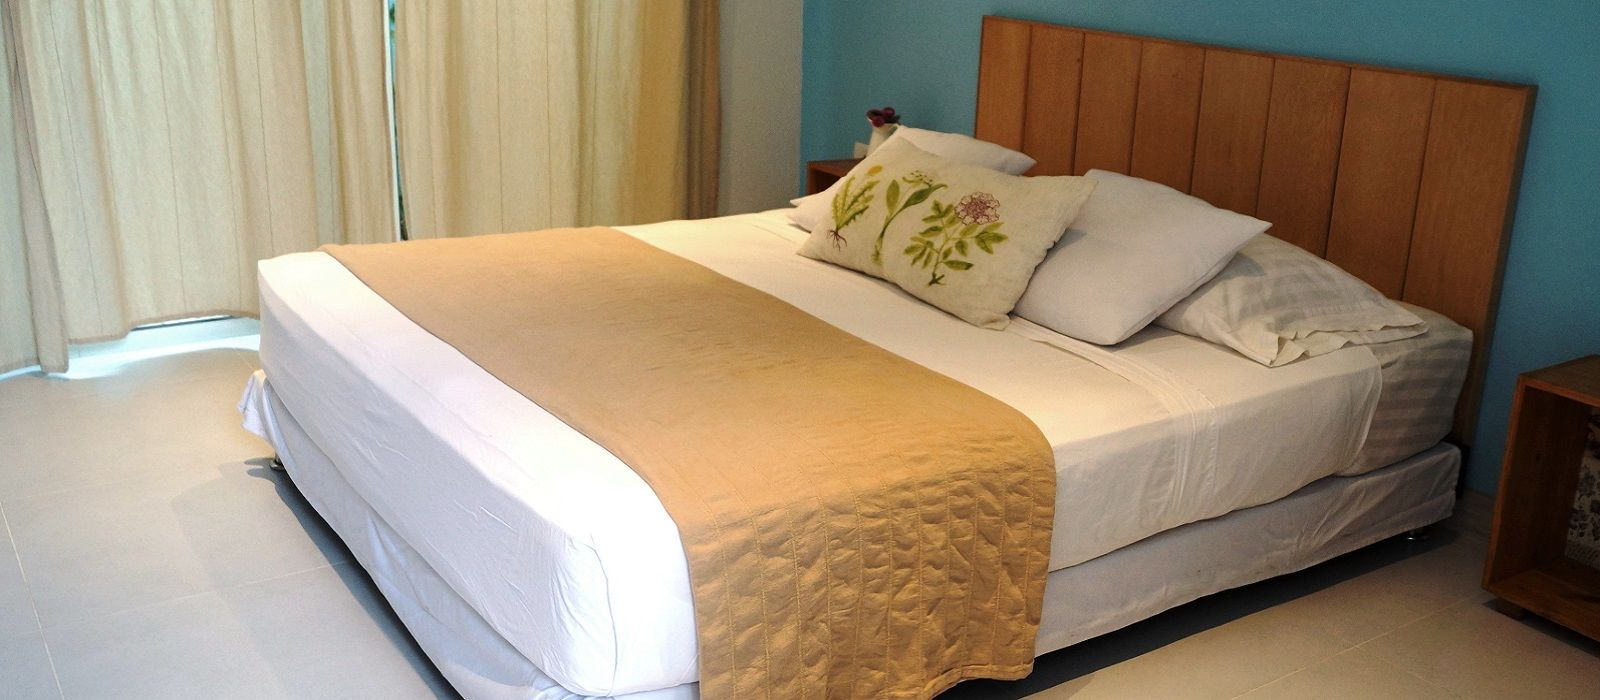 Hotel La Casa del Patio Kolumbien